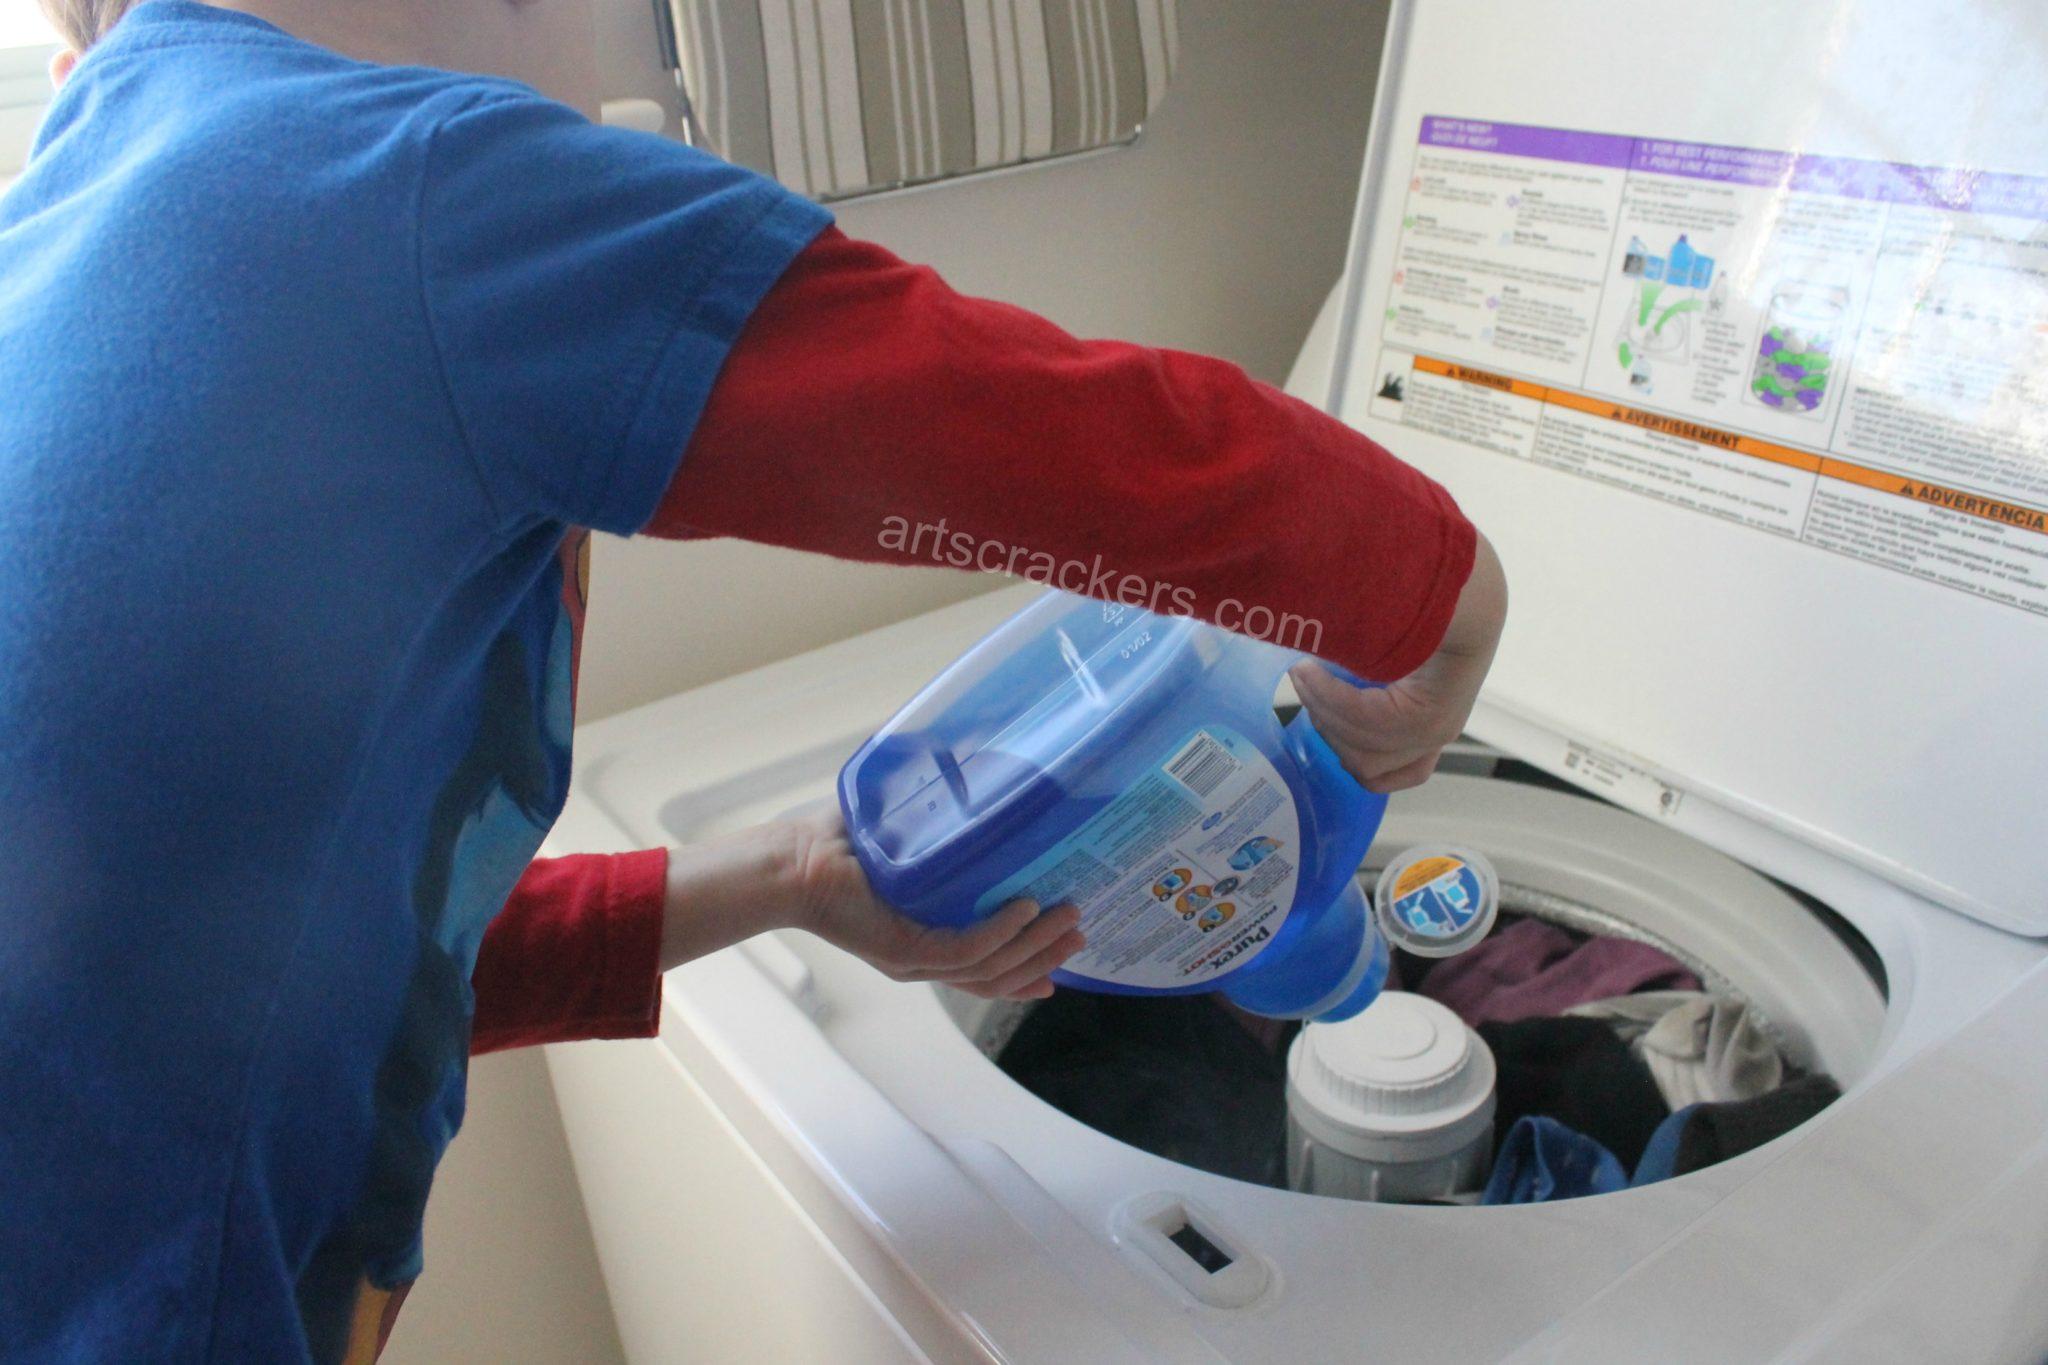 Purex PowerShot Detergent Used By Kids